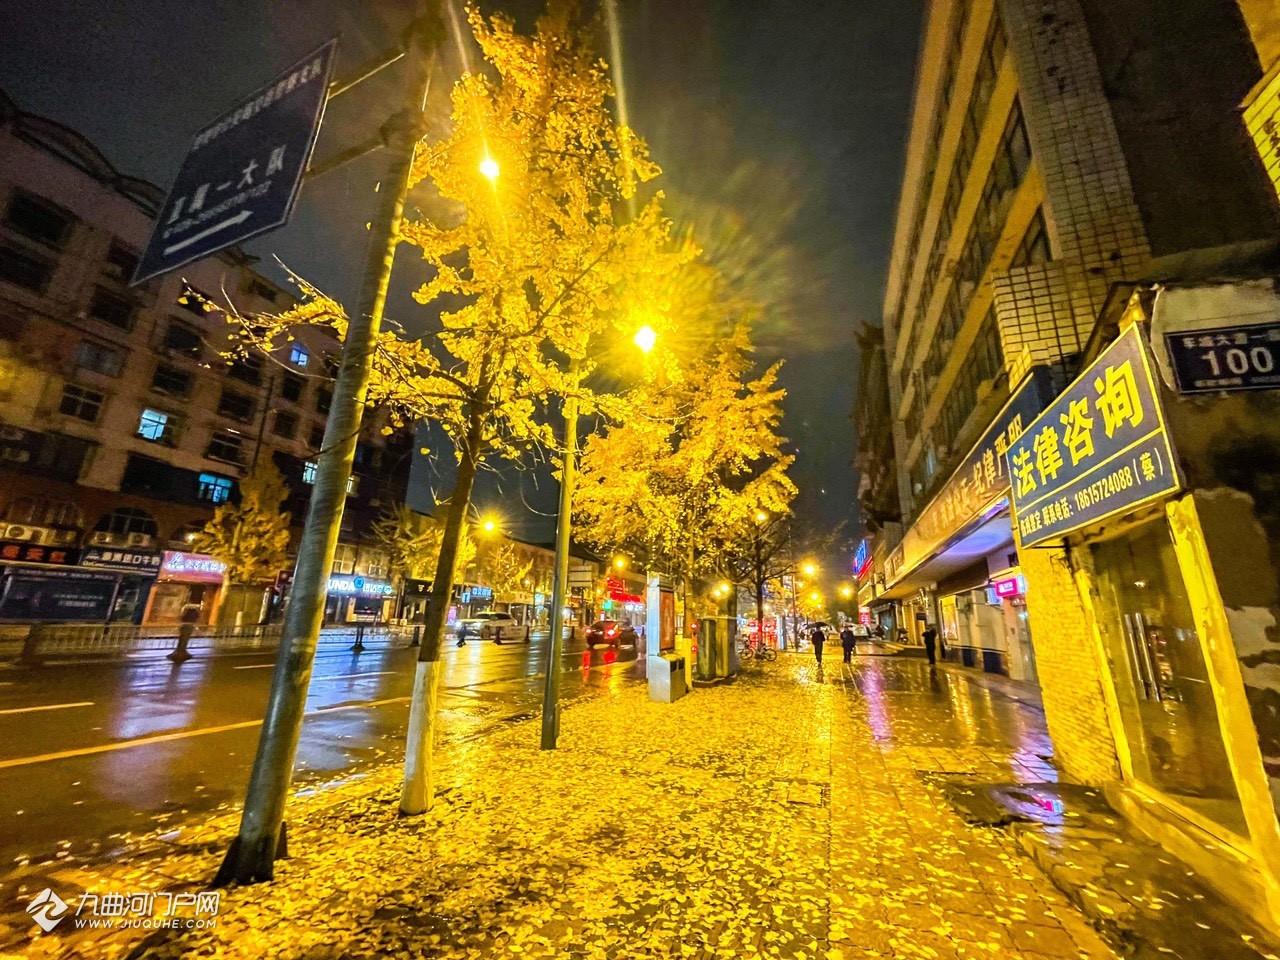 今夜寒风吹落资阳银杏叶,地上层层金黄色,河马办公室楼下的这个景色美绝了!